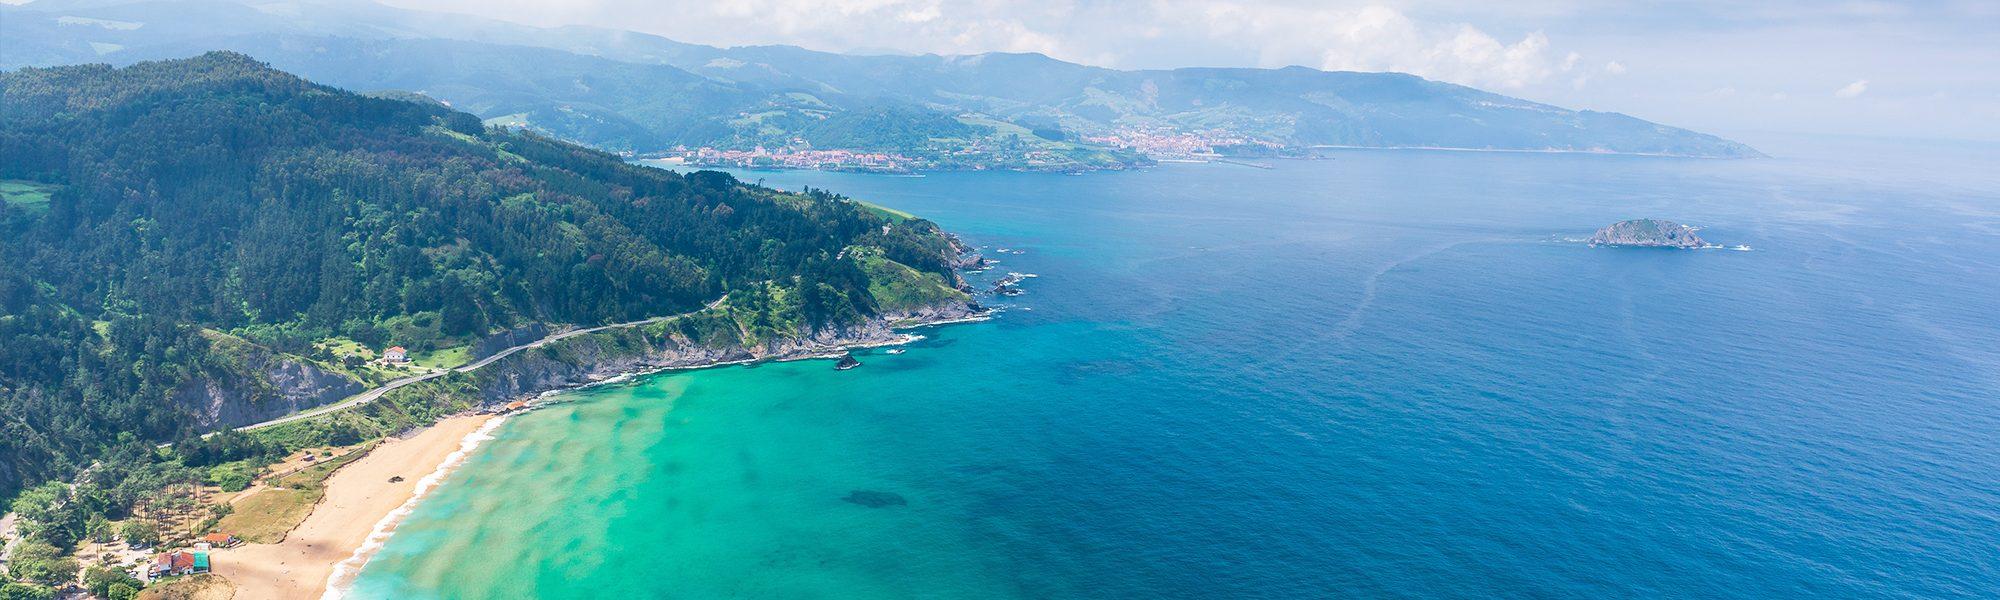 Nordspanien Erkunden Wunderschöne Küsten